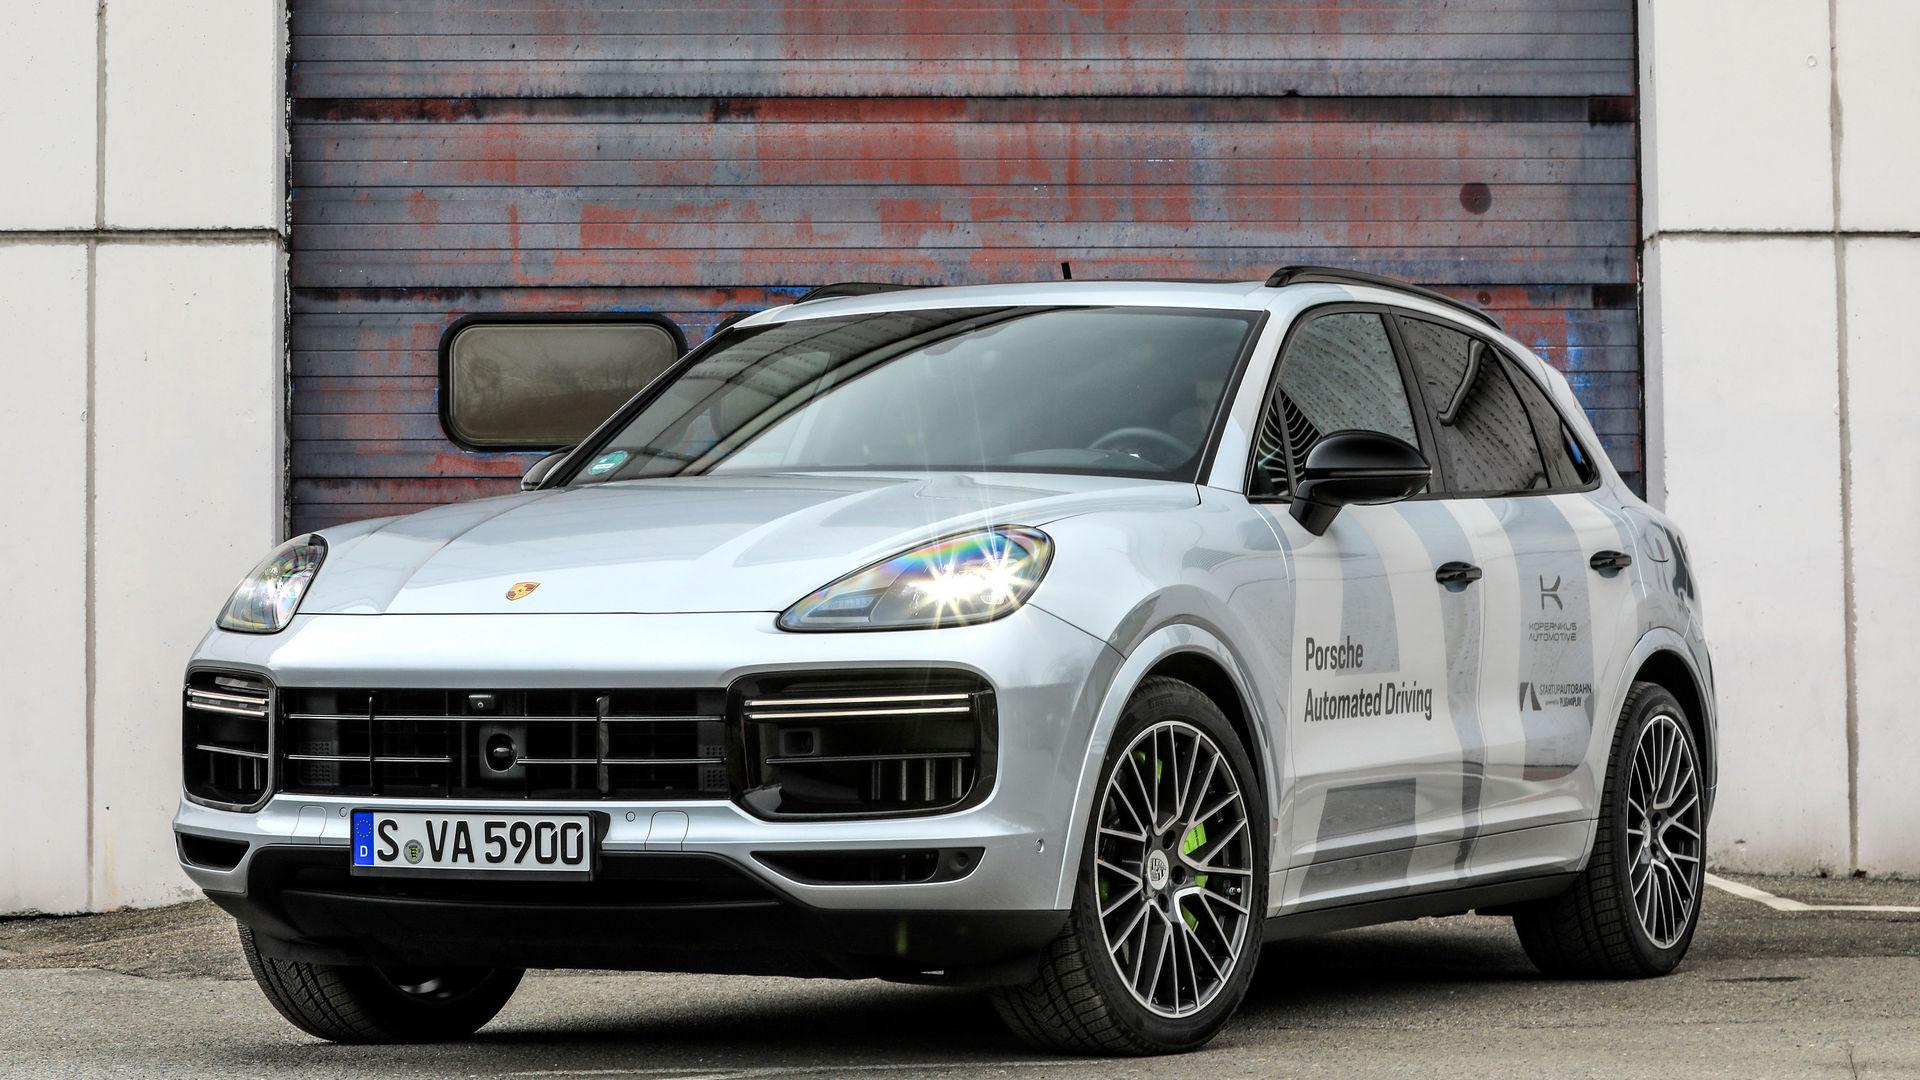 Porsche-Autonomous-8